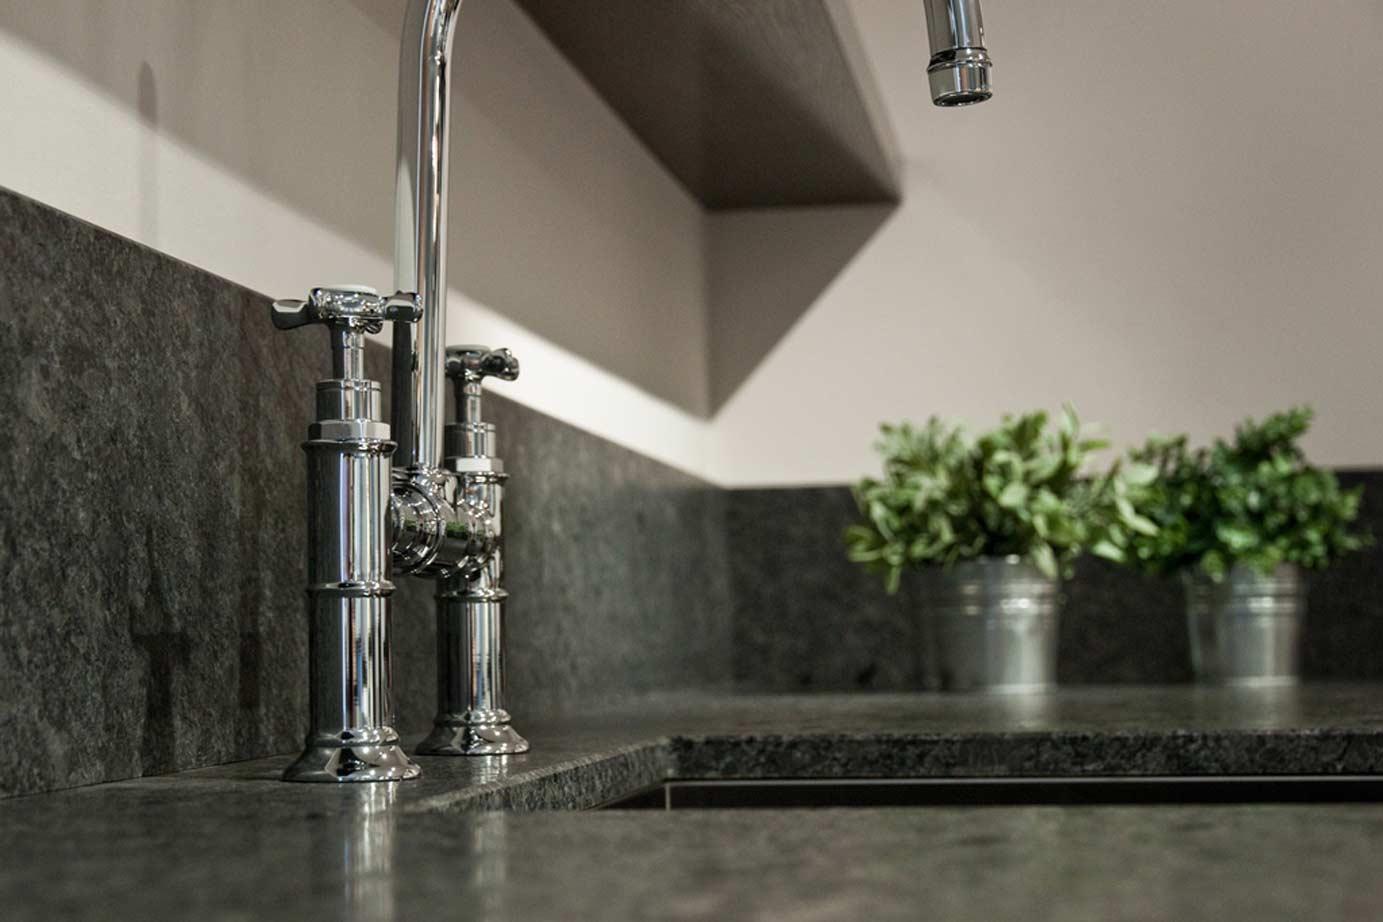 keuken wandtegels zonder voeg : Keukenachterwand Wat Zijn De Mogelijkheden